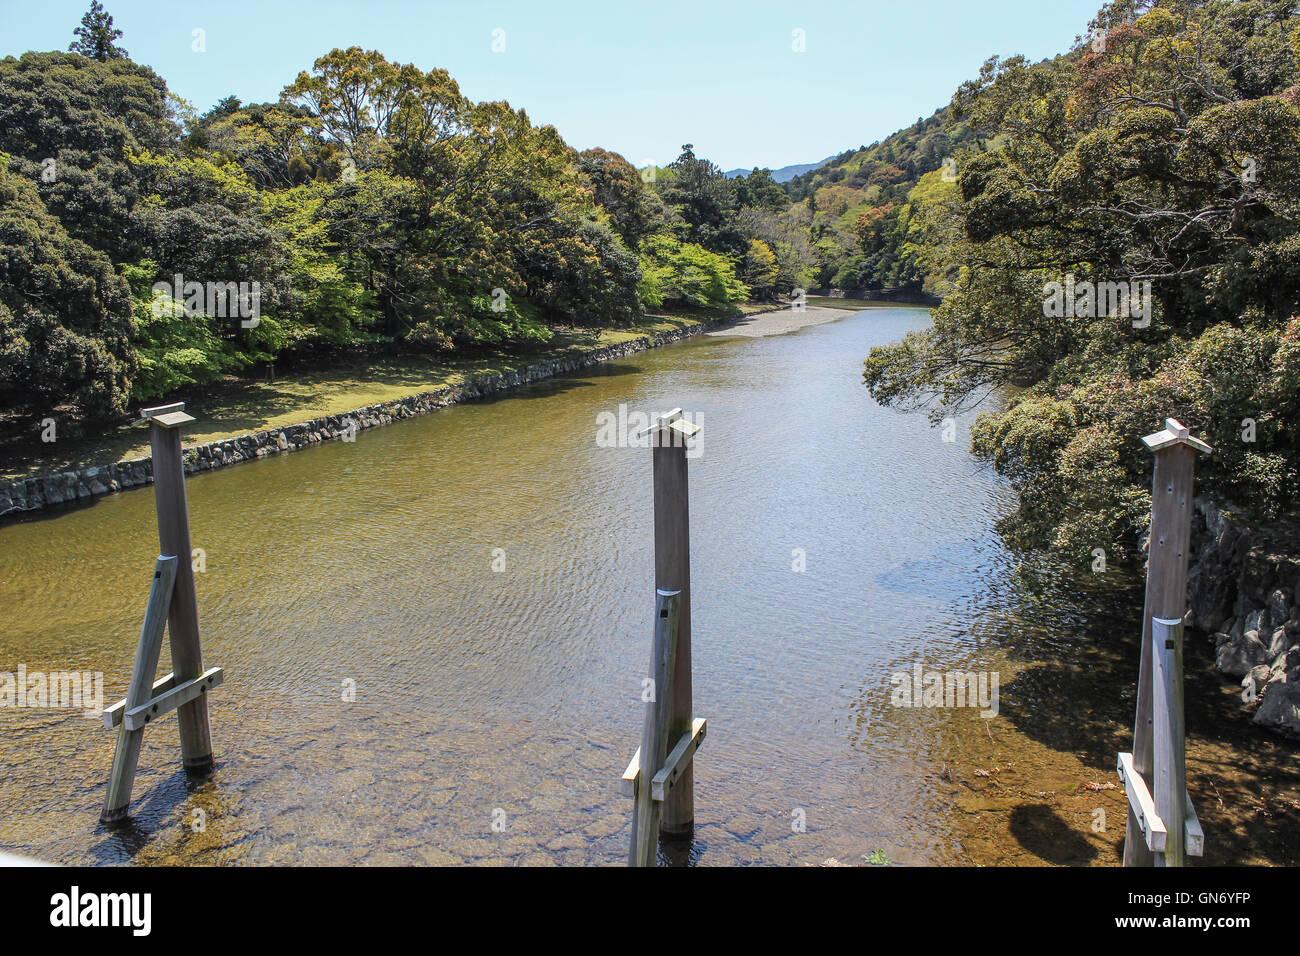 Isuzu River, Ise, Japan - Stock Image